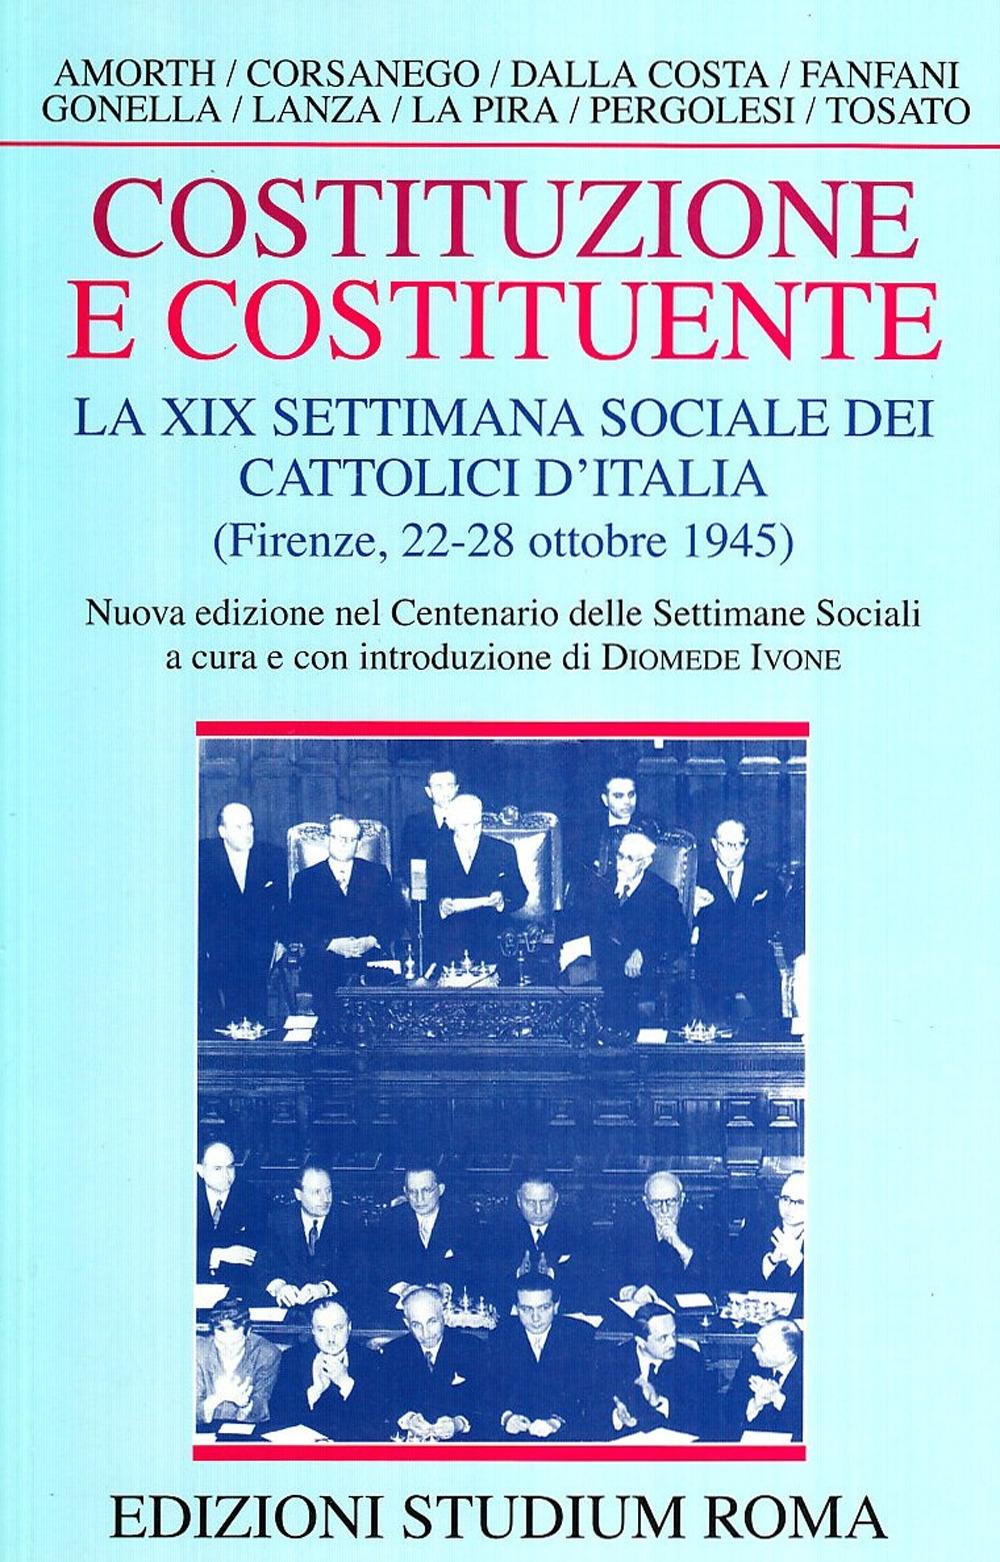 Costituzione e costituente. La XIX Settimana sociale dei cattolici d'Italia (Firenze, 22-28 ottobre 1945)